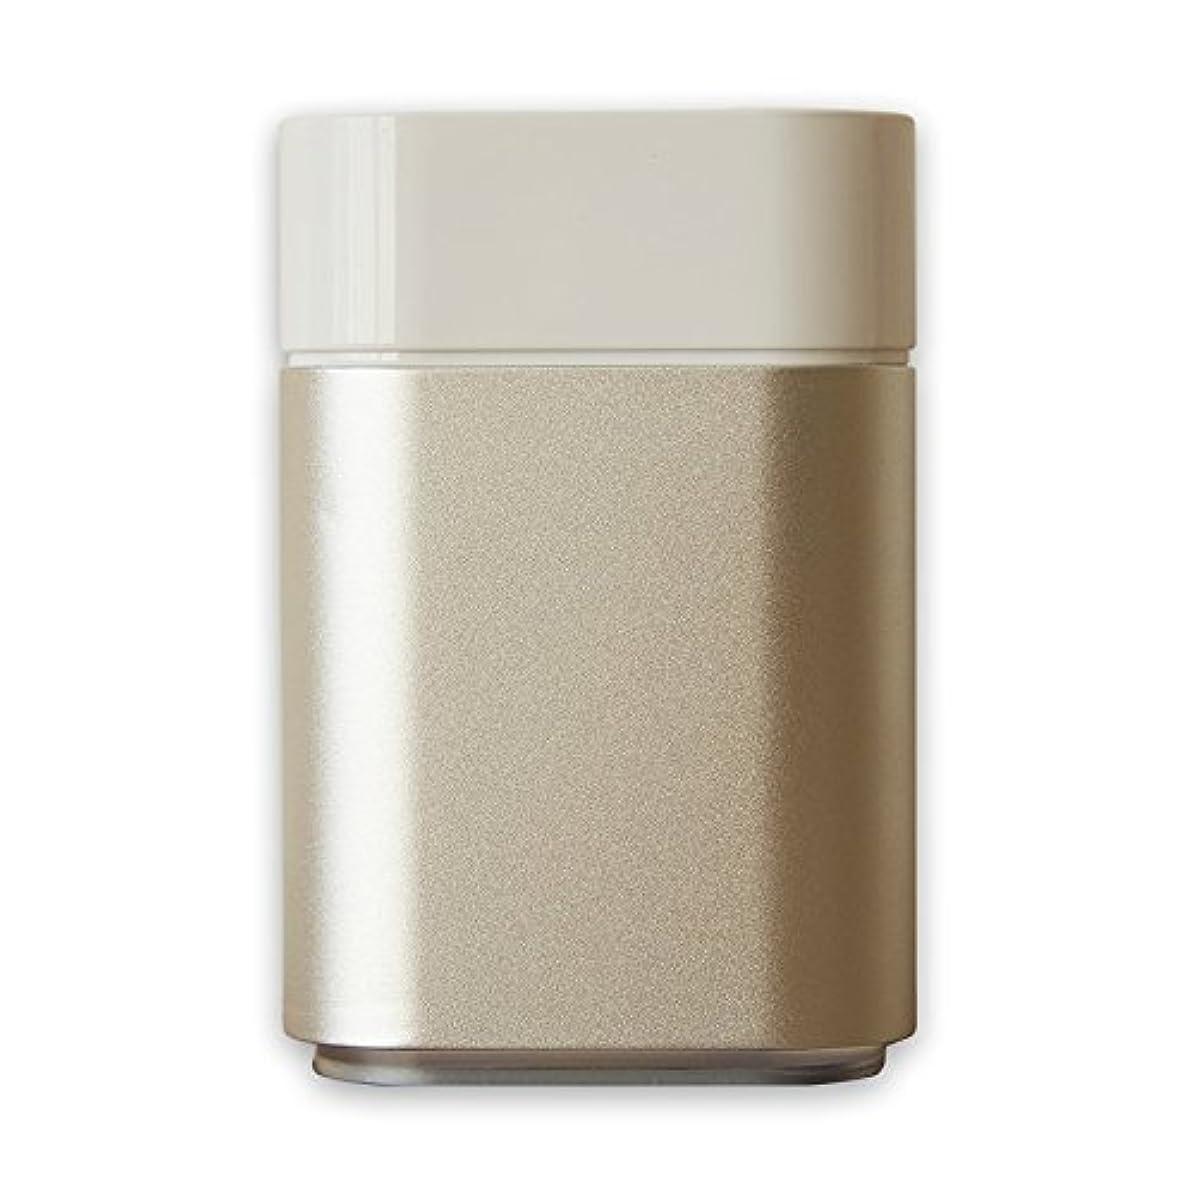 私のオーディション身元アロマディフューザー UR-AROMA04 卓上 小型 Uruon(ウルオン)水を使わない アロマ ネブライザー式 水なし ダイレクトオイル 製油瓶直噴式 超音波式 USB 卓上 油性 水性 静音 アロマオイル